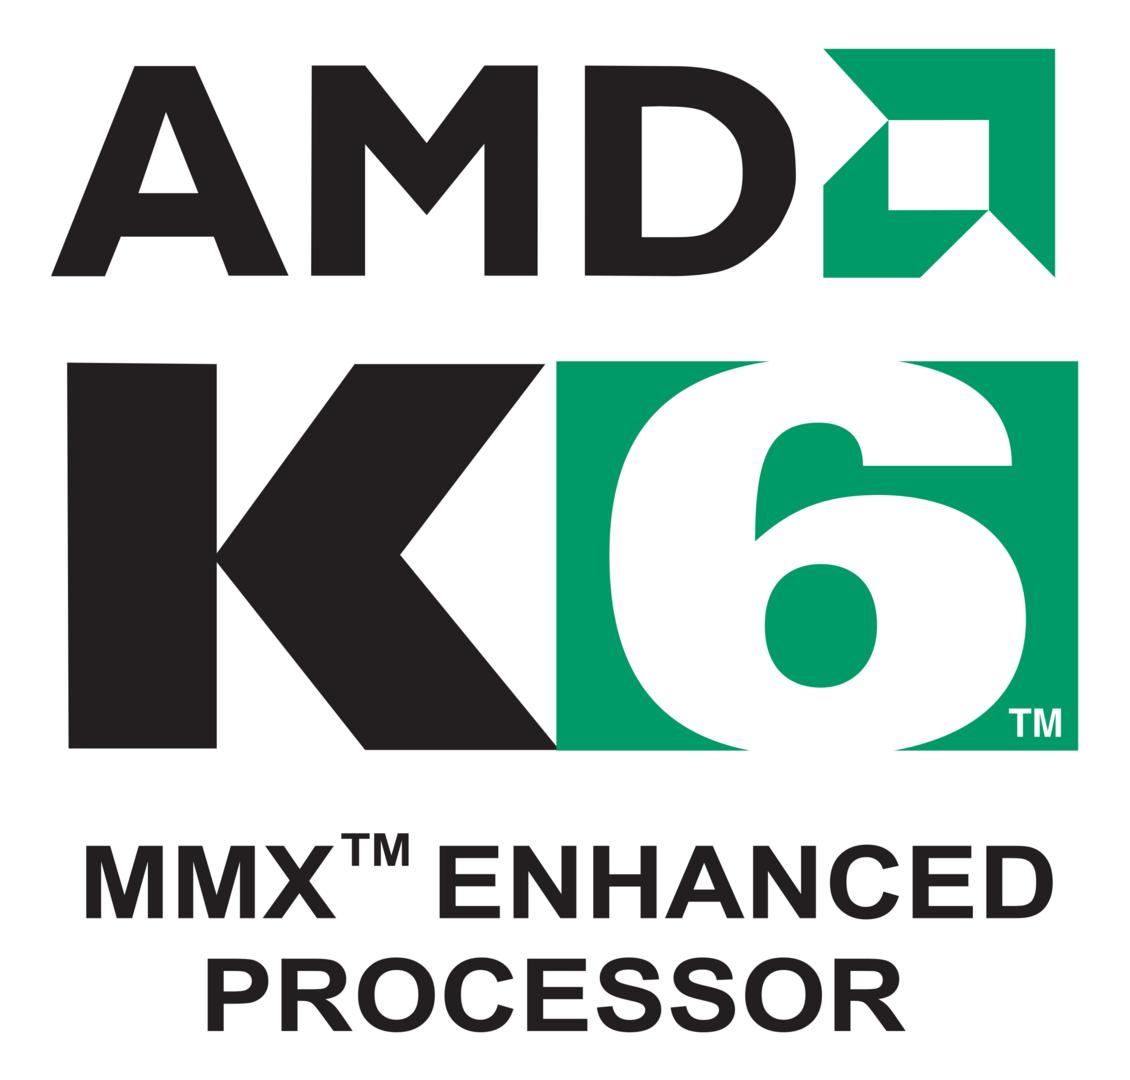 Con la expansión MMX, el NexGen Nx686 se convirtió en el K6 en el zócalo 7